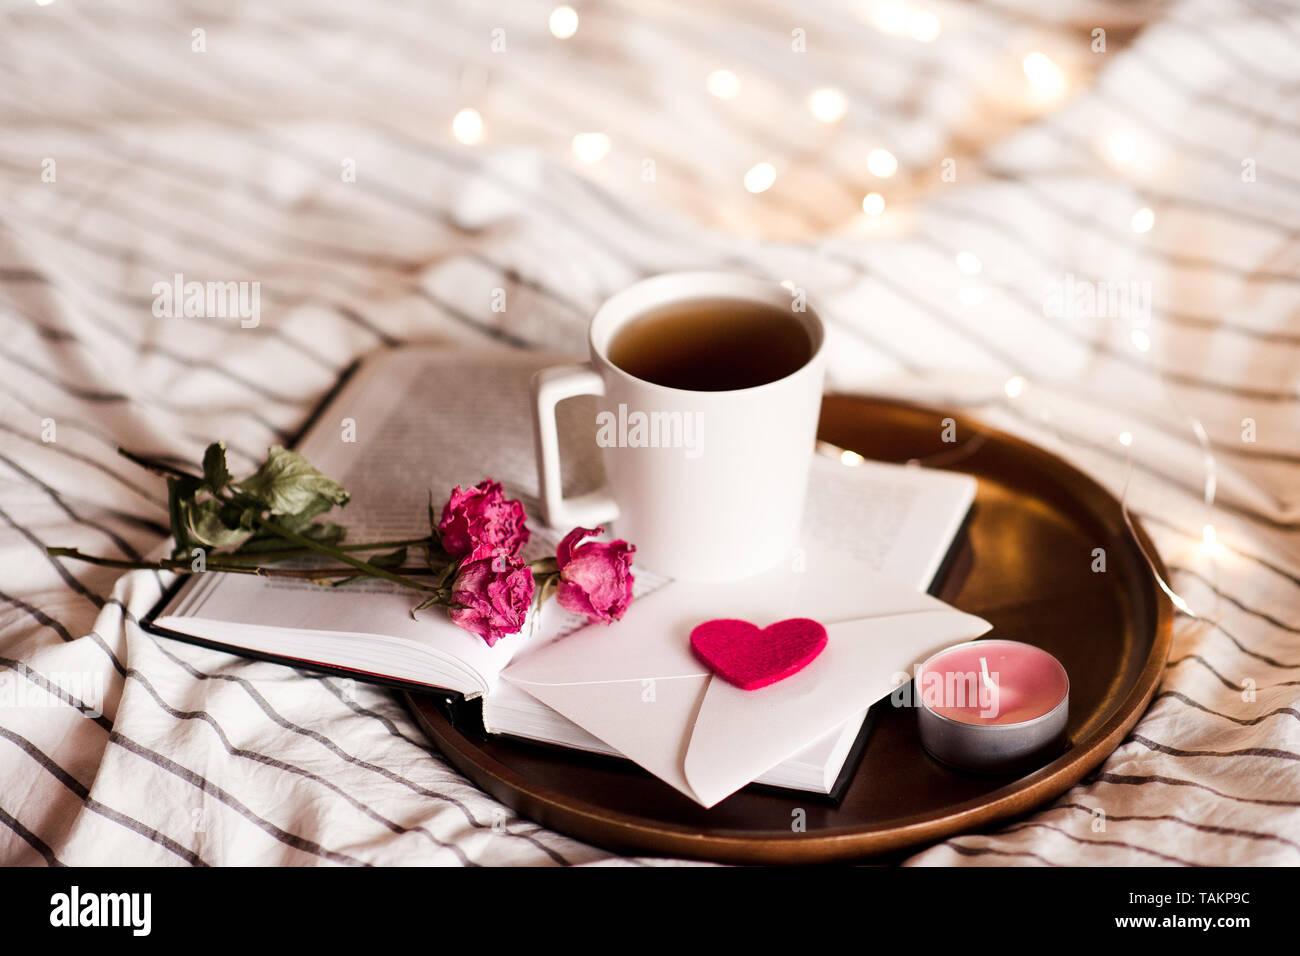 Liebe Briefe Mit Rosen Und Tasse Kaffee Auf Offenes Buch Im